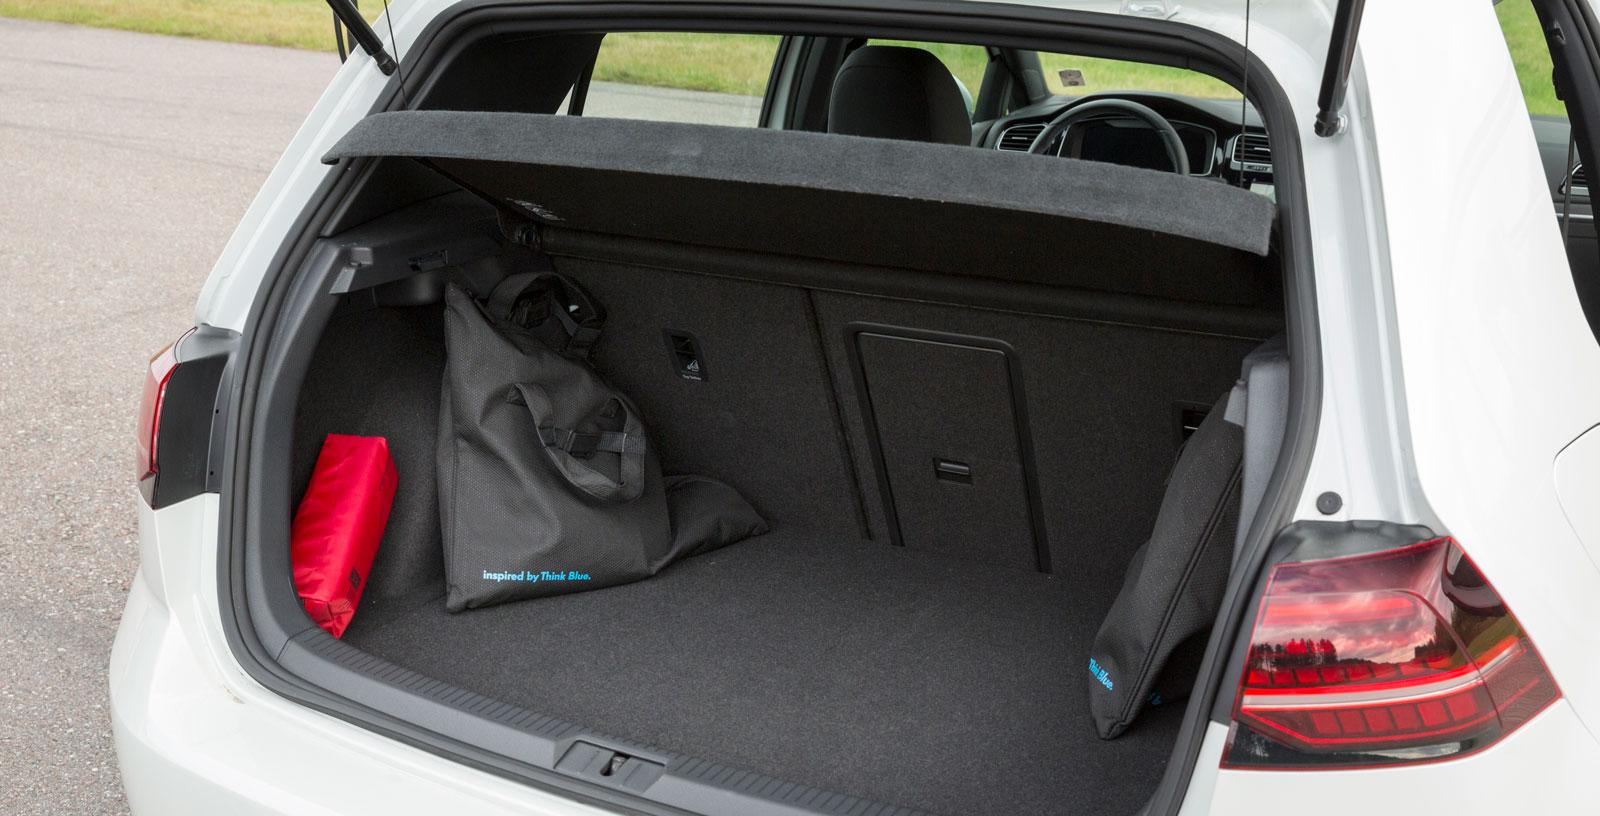 Bagaget är intakt jämfört med en vanlig Golf, fast GTE saknar dubbelt lastgolv. Därmed minskar lastvolymen från 380 liter till 272. De två standardsladdarna tar också upp plats. Deras har prydliga påsar passar dock perfekt i bagagets lastkrokar.